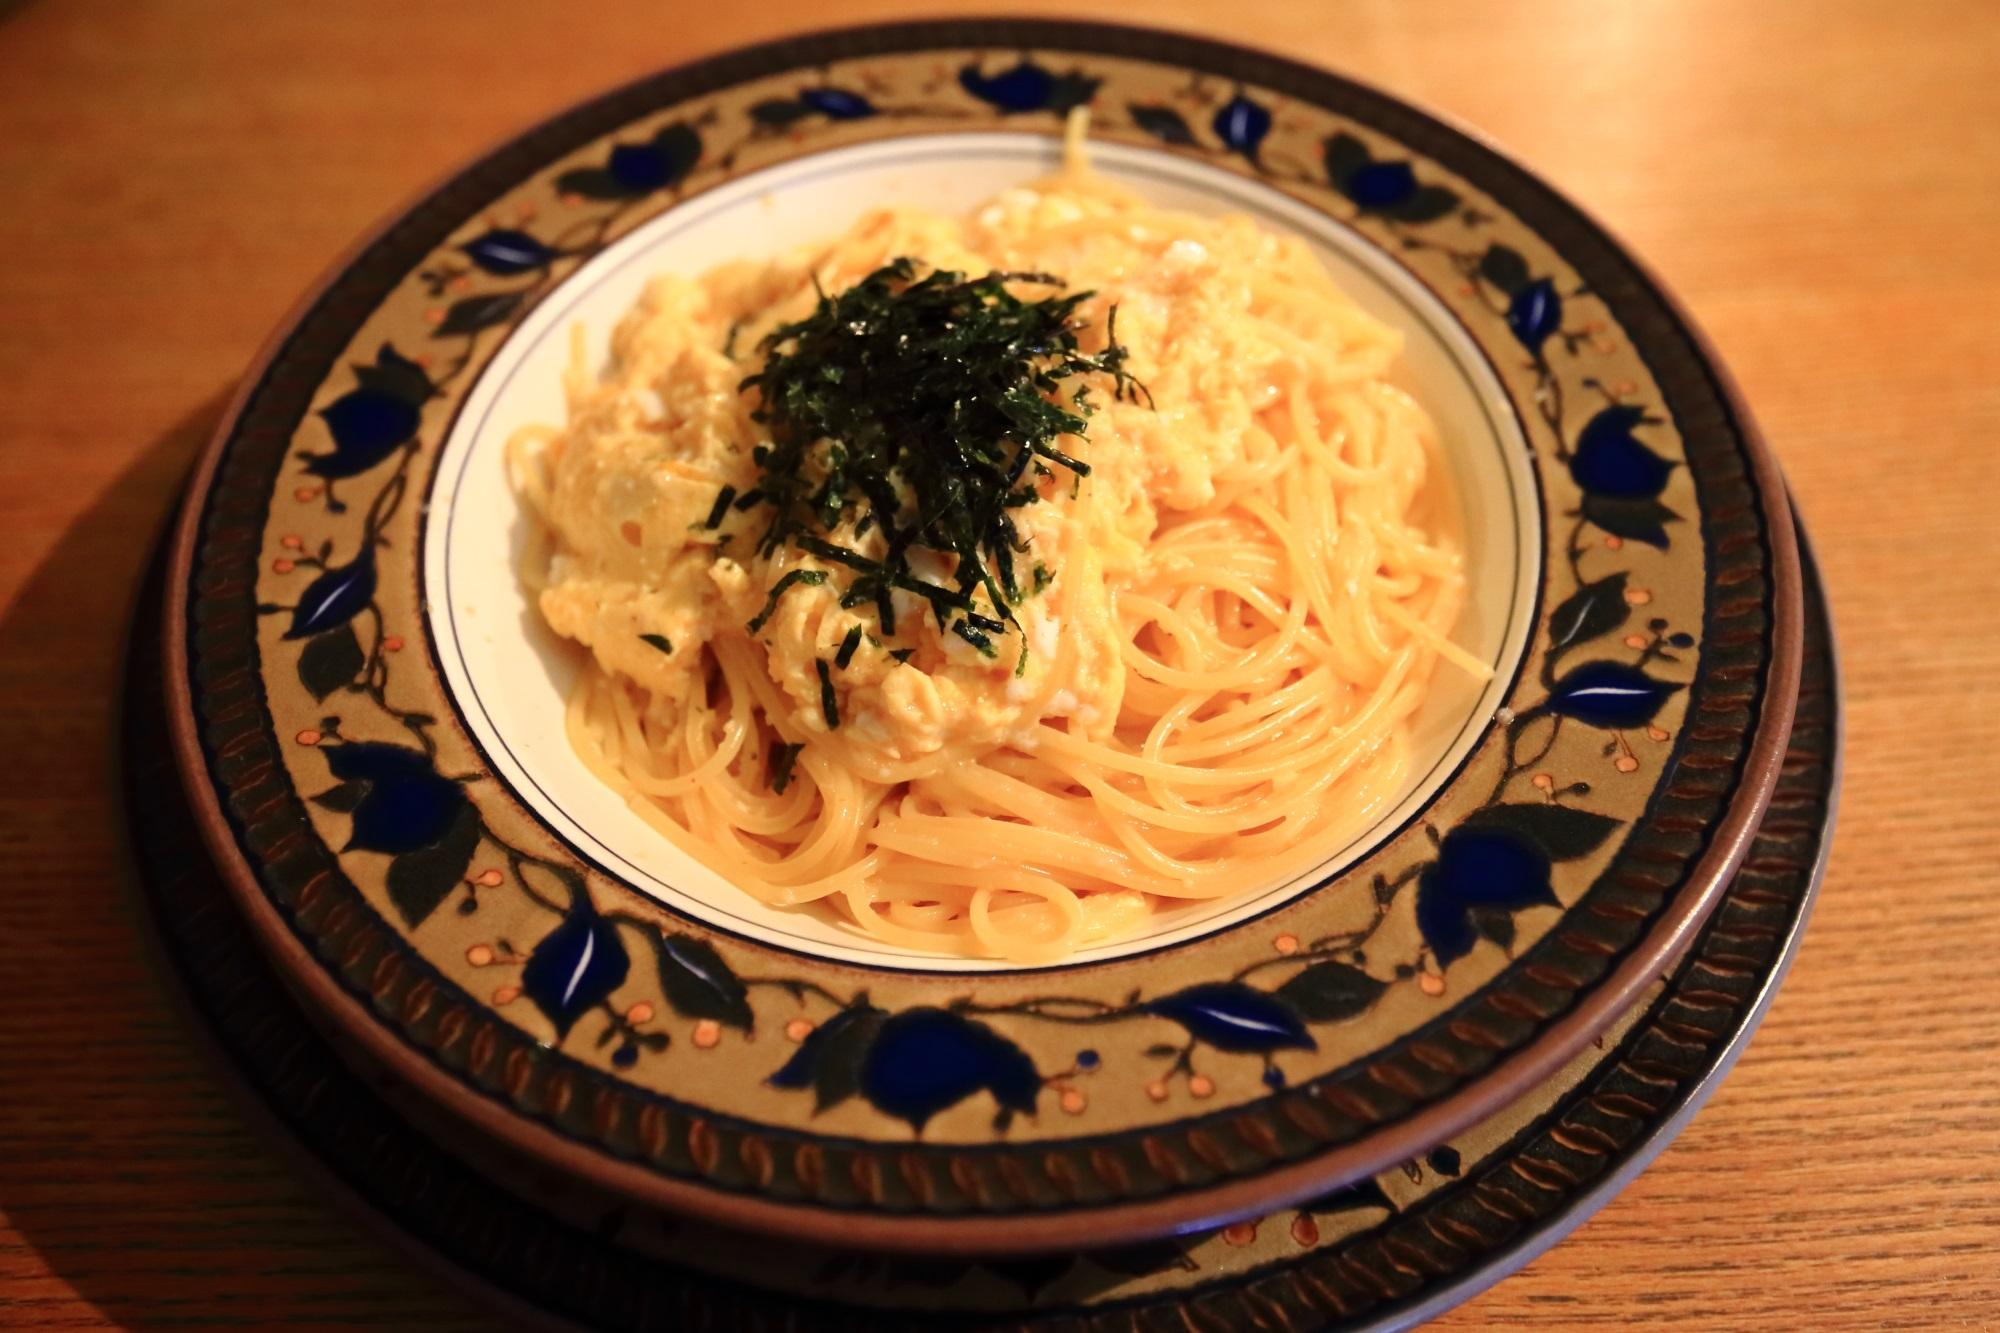 スパゲティ専門店カルドの玉子スパゲティ 明太子(... スパゲティの上にふわふわ玉子が乗っていま